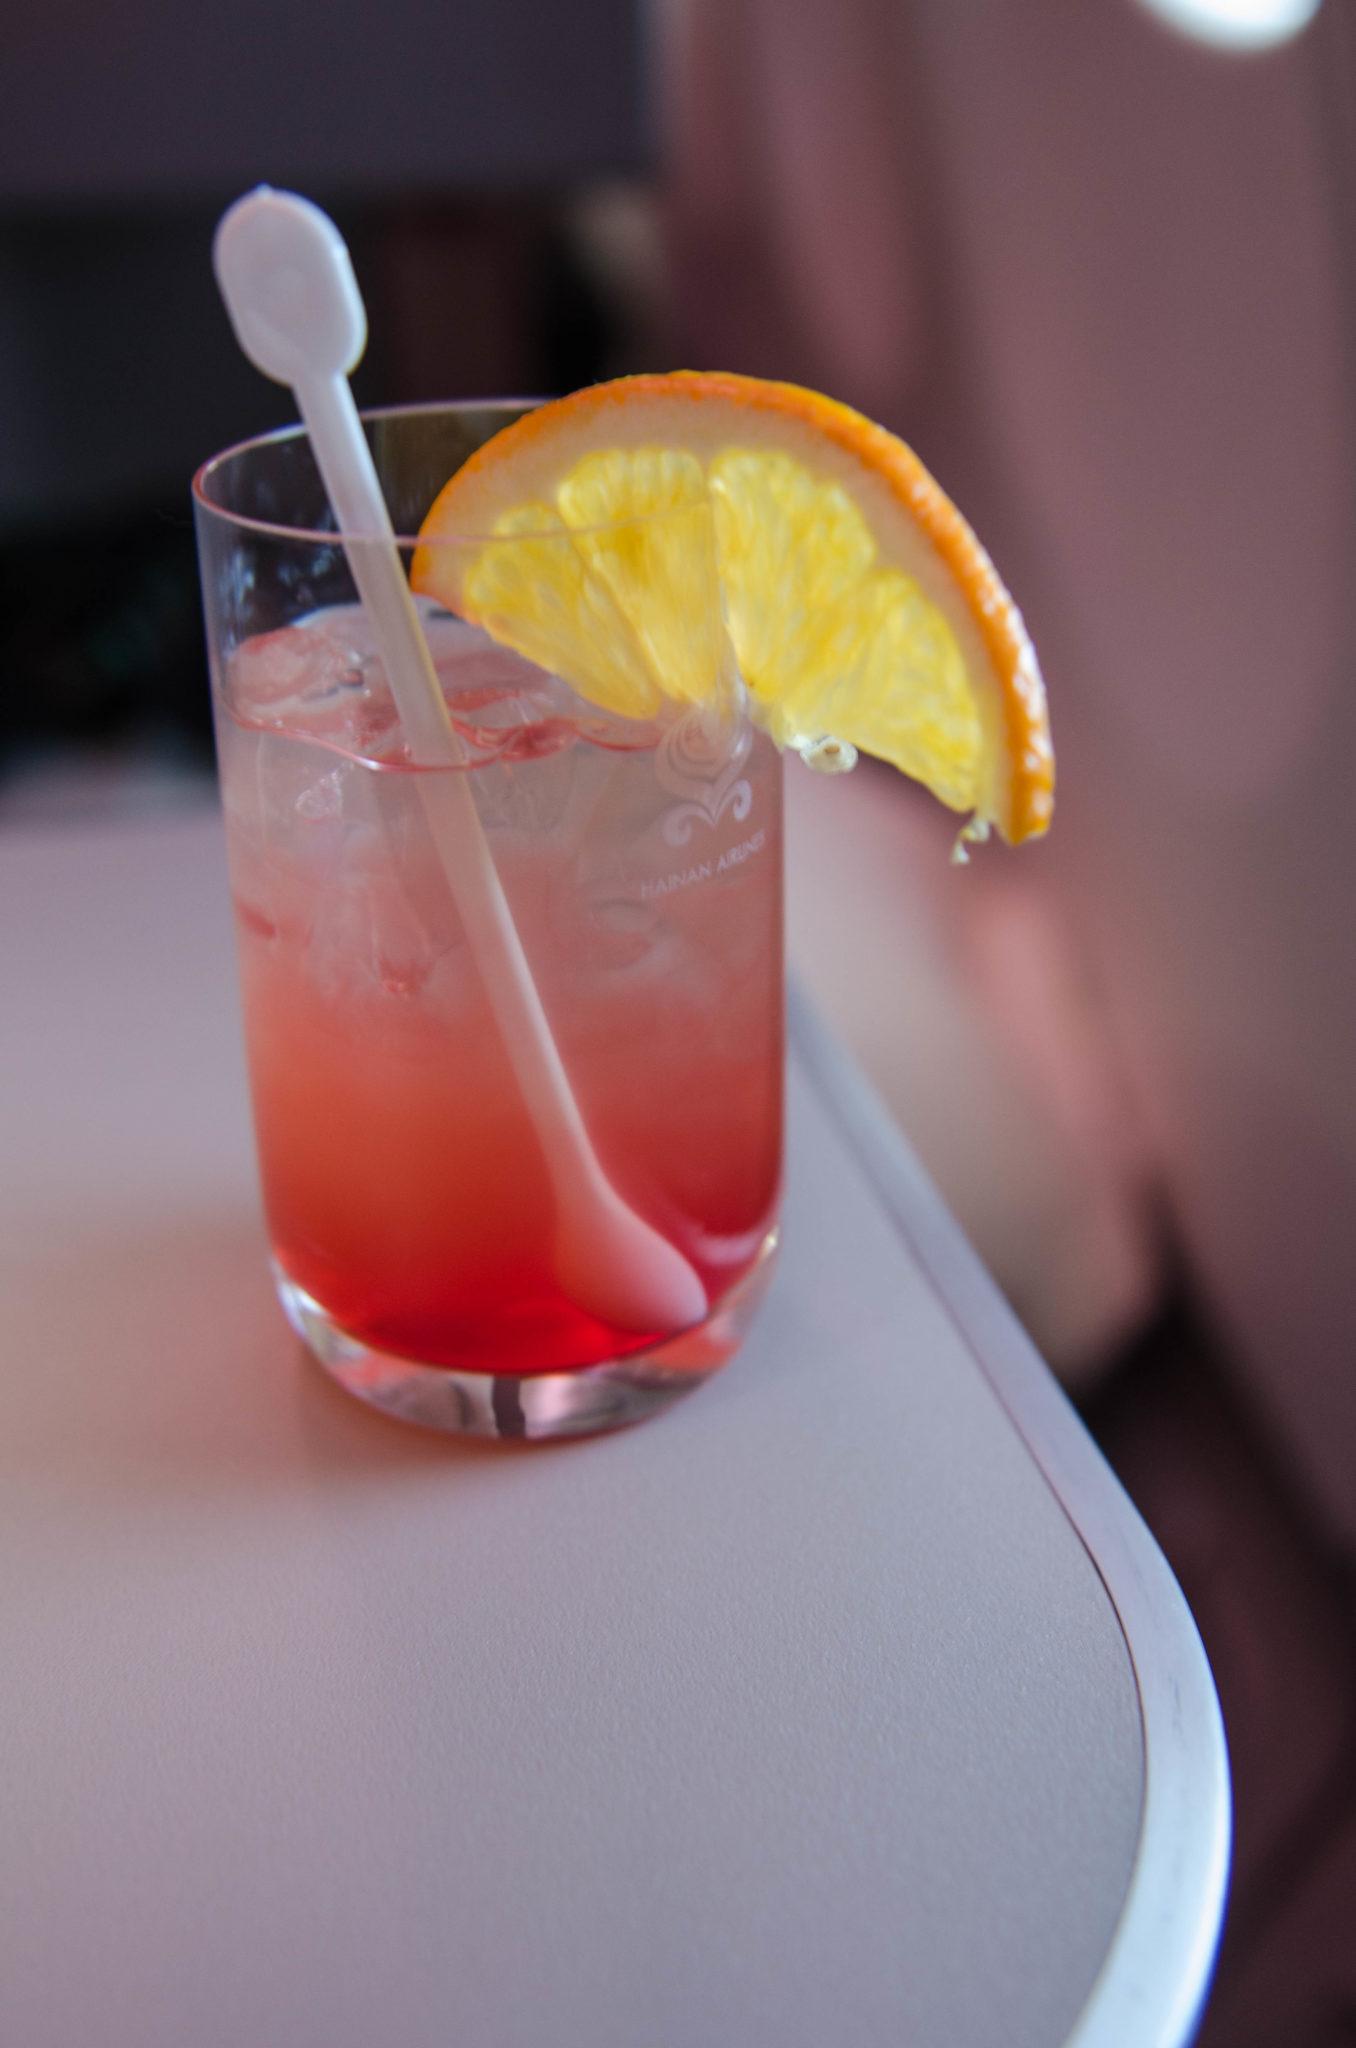 Eine Limonade, die es so nur in der Hainan Business Class gibt: lecker und erfrischend